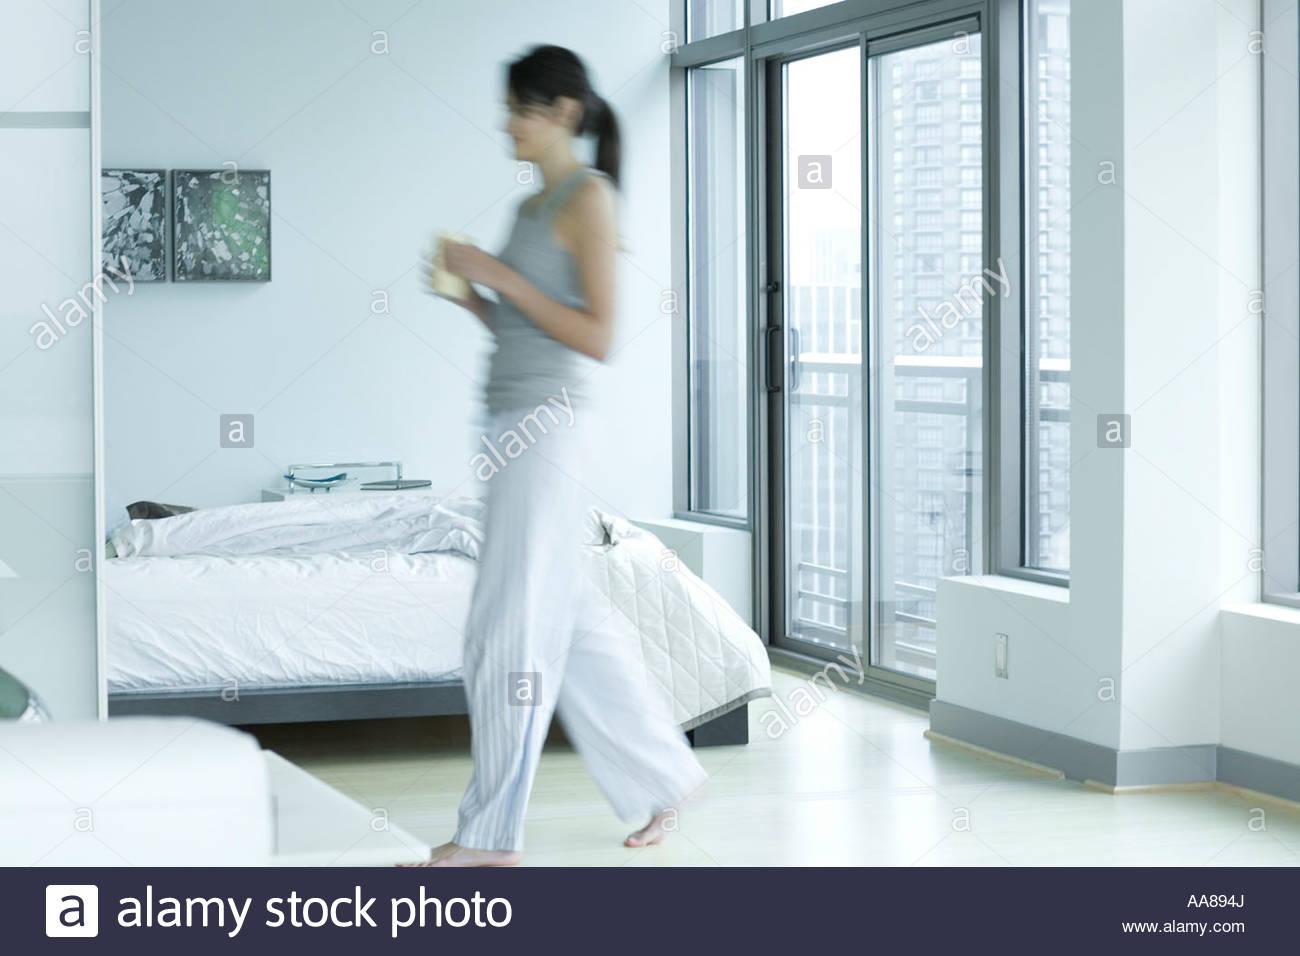 Chambre De Jeune Adulte jeune adulte femme marche dans la chambre banque d'images